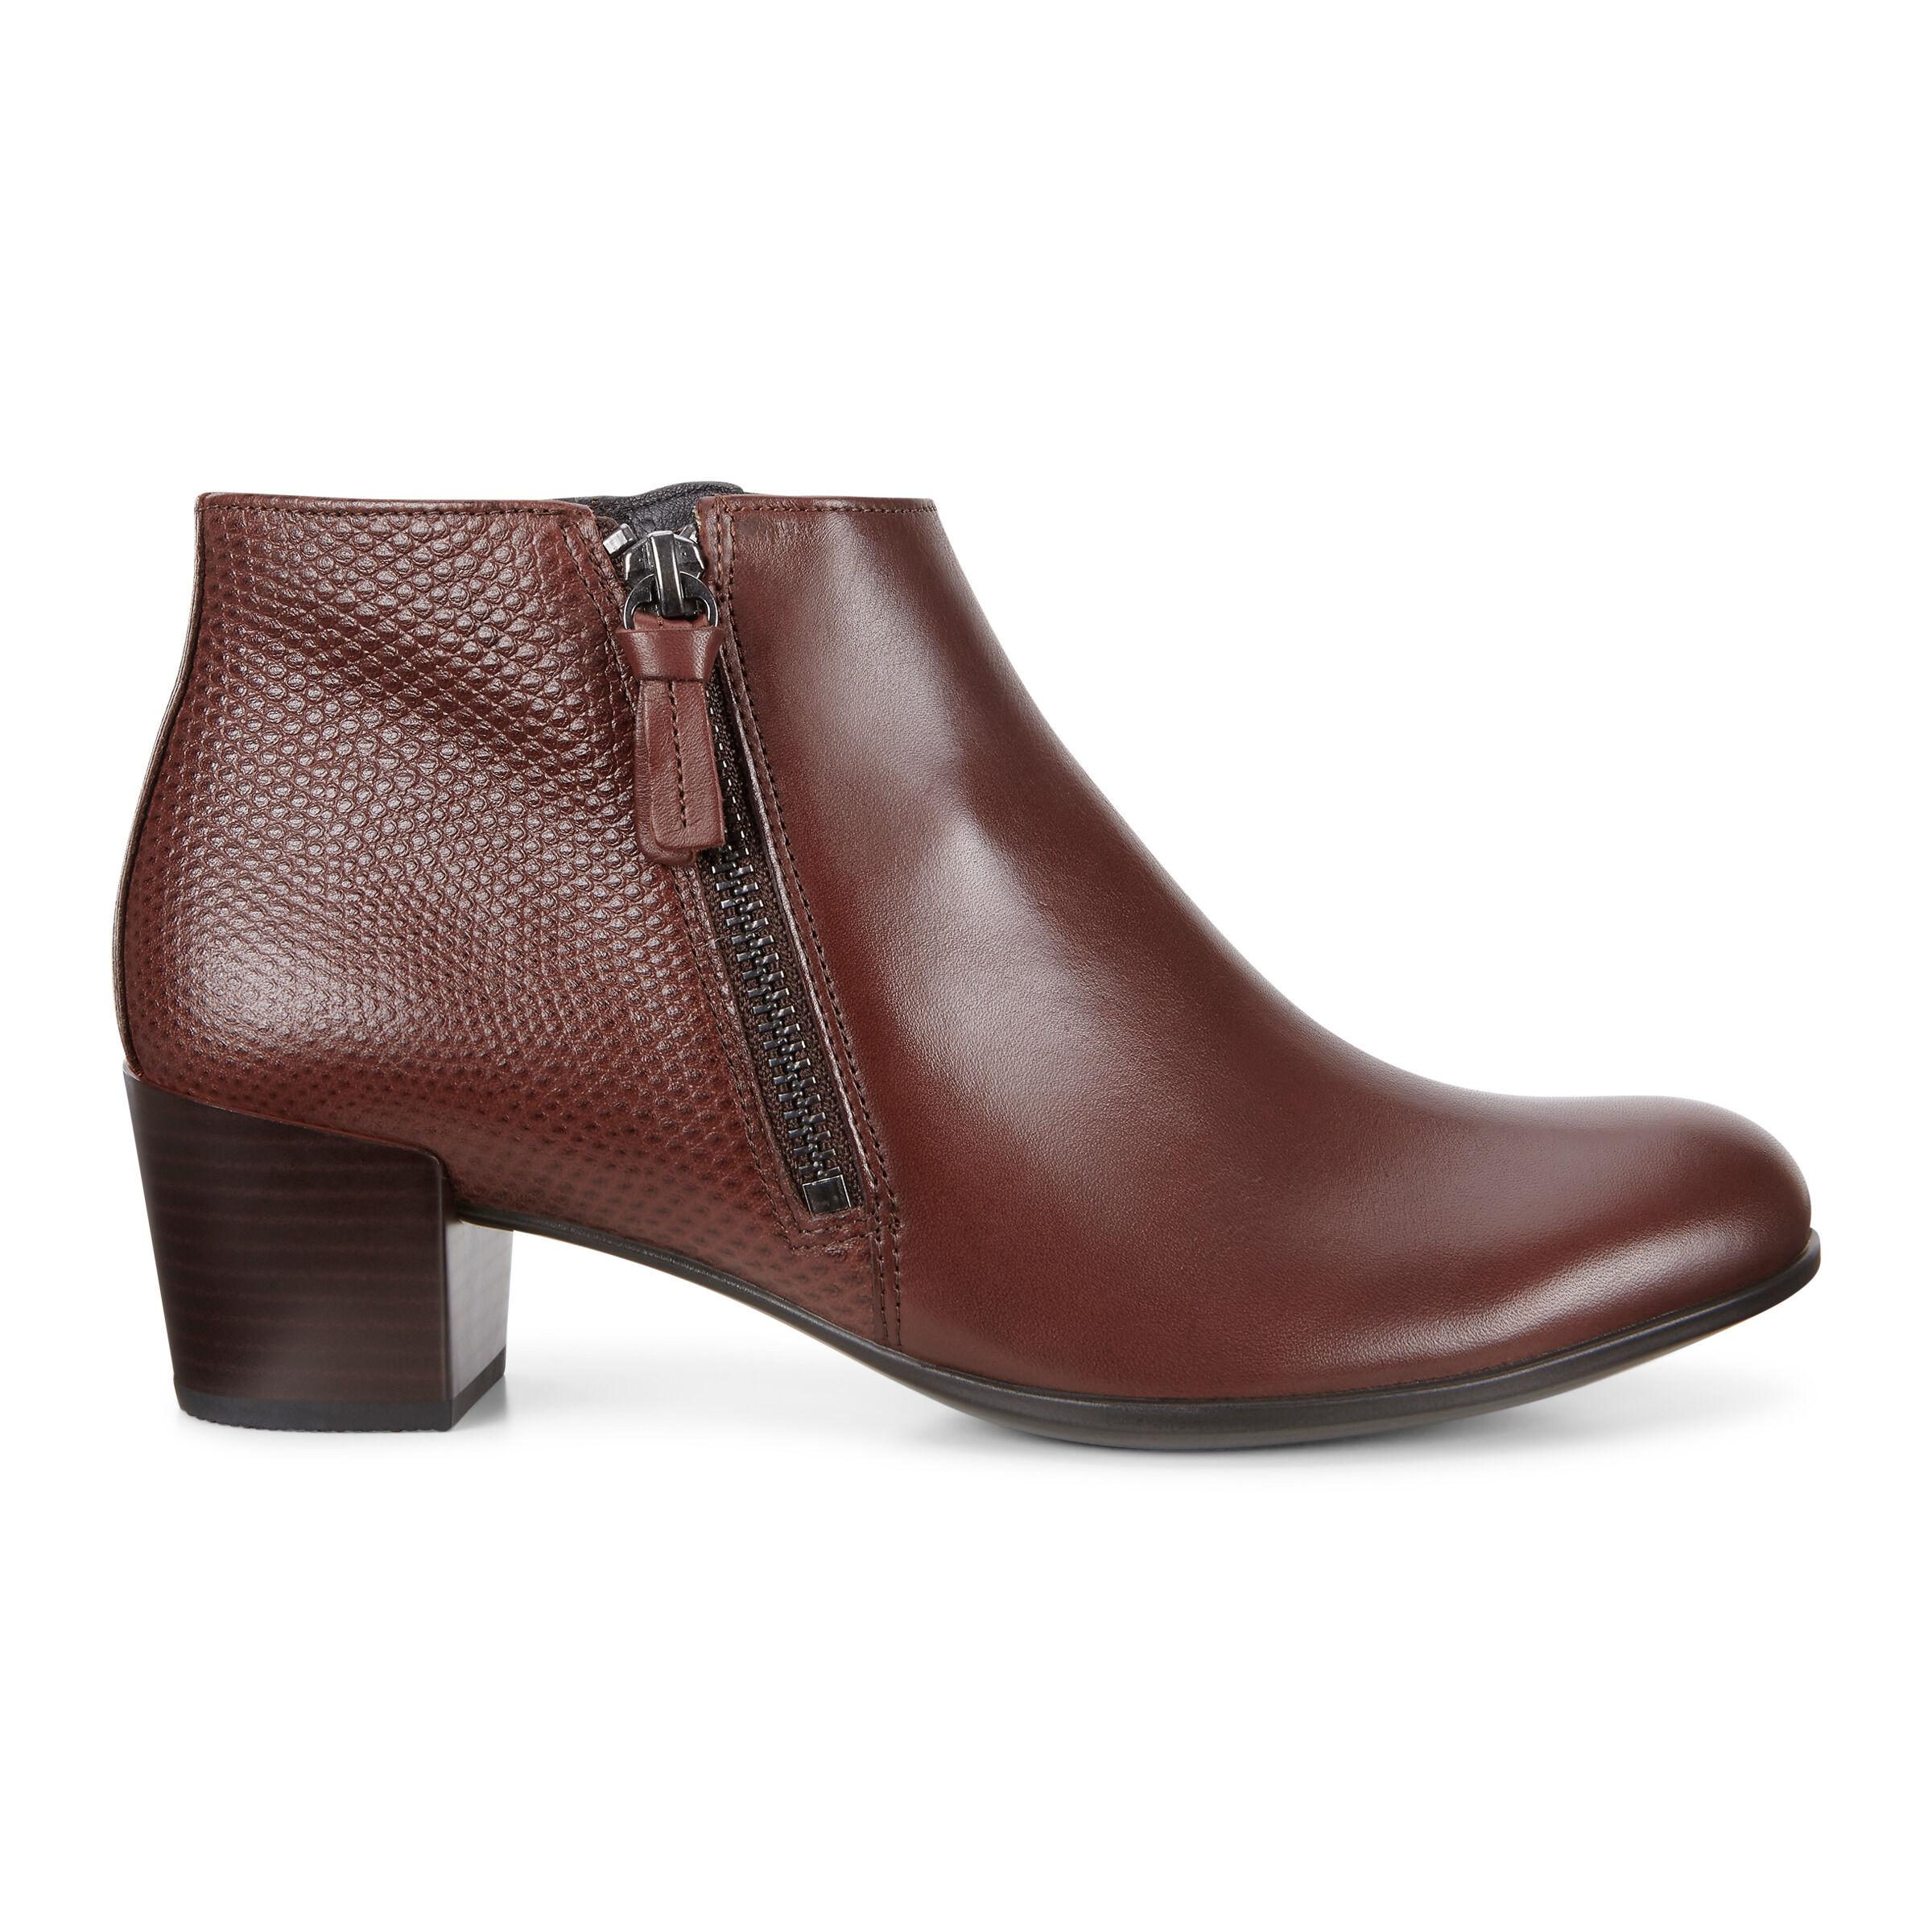 BootsEcco® Women's BootsEcco® BootsEcco® Shoes Shoes Shoes Women's Women's Women's Shoes BootsEcco® Women's vON0wm8n